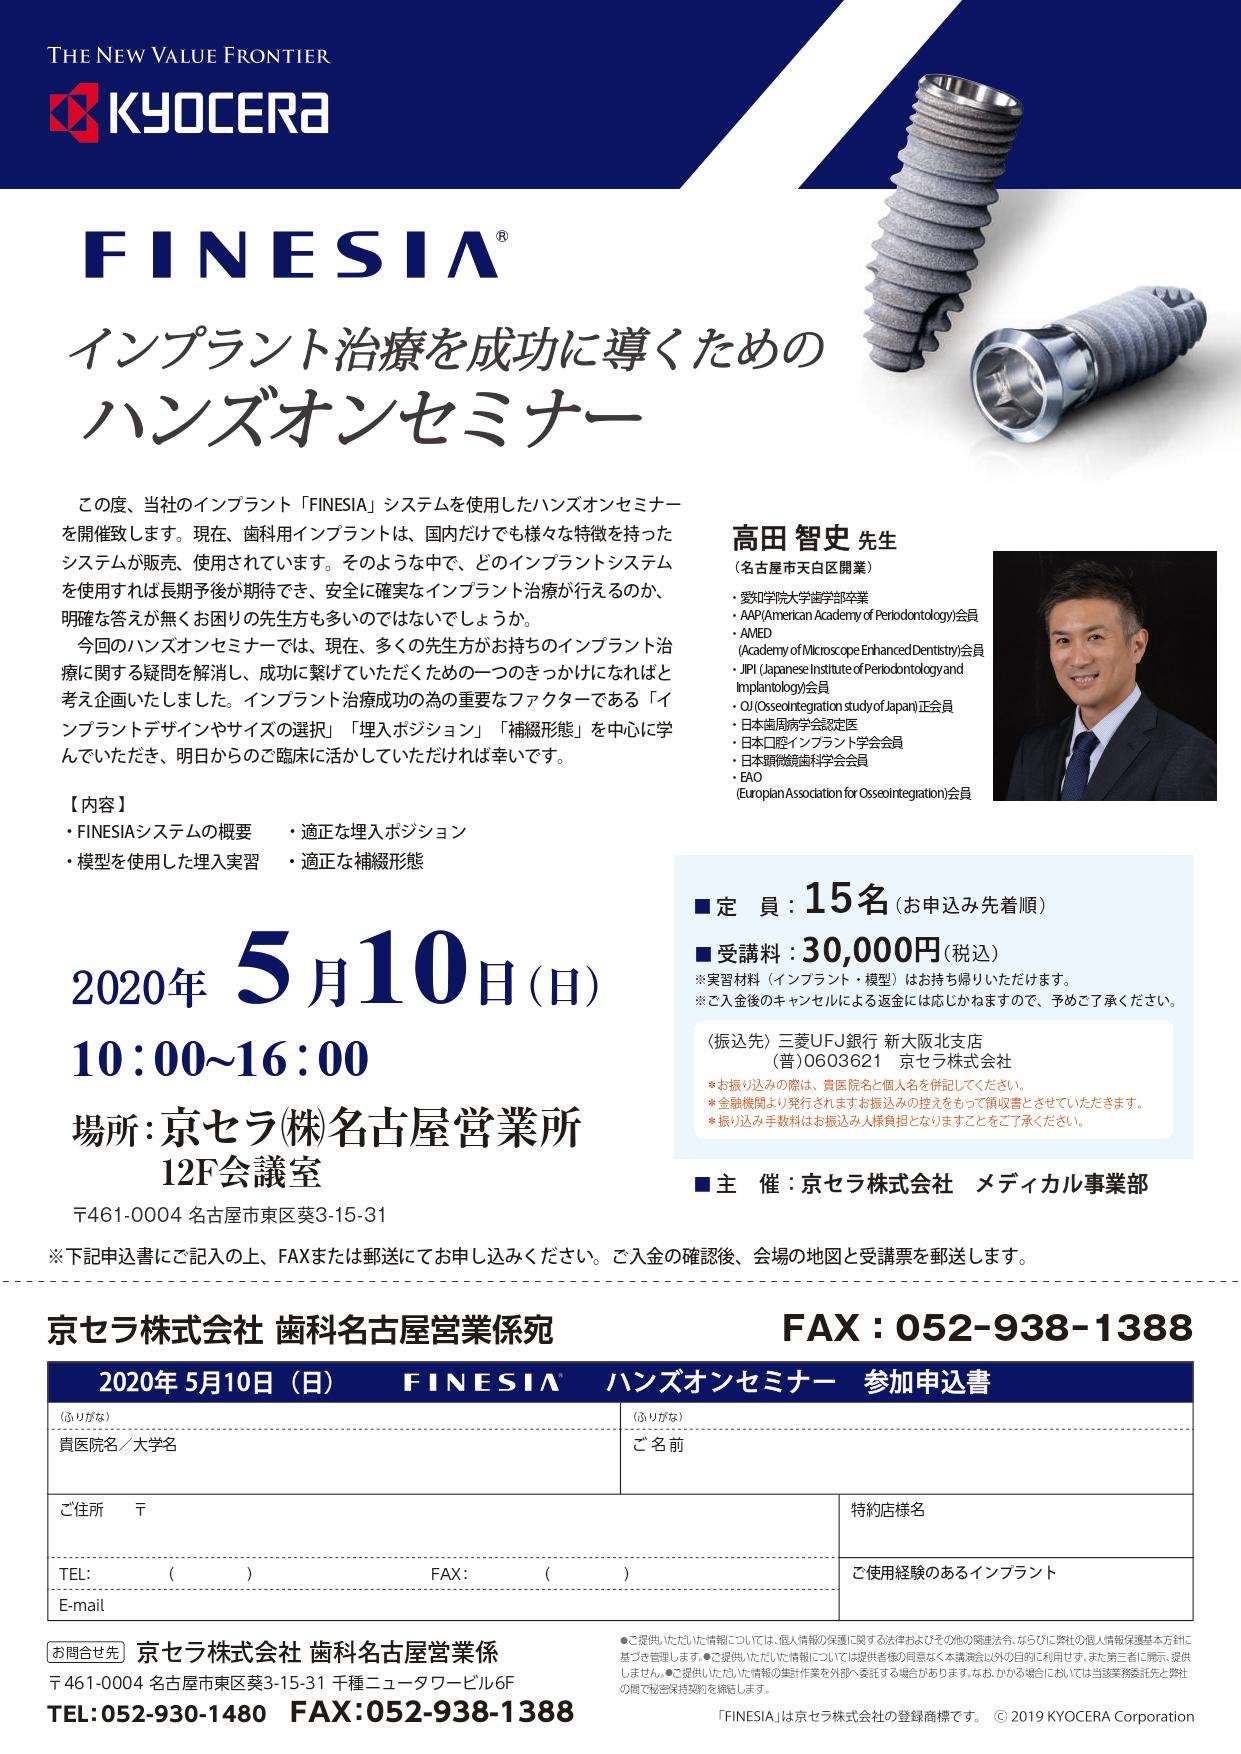 【開催中止】FINESIA インプラント治療を成功に導くための ハンズオンセミナー